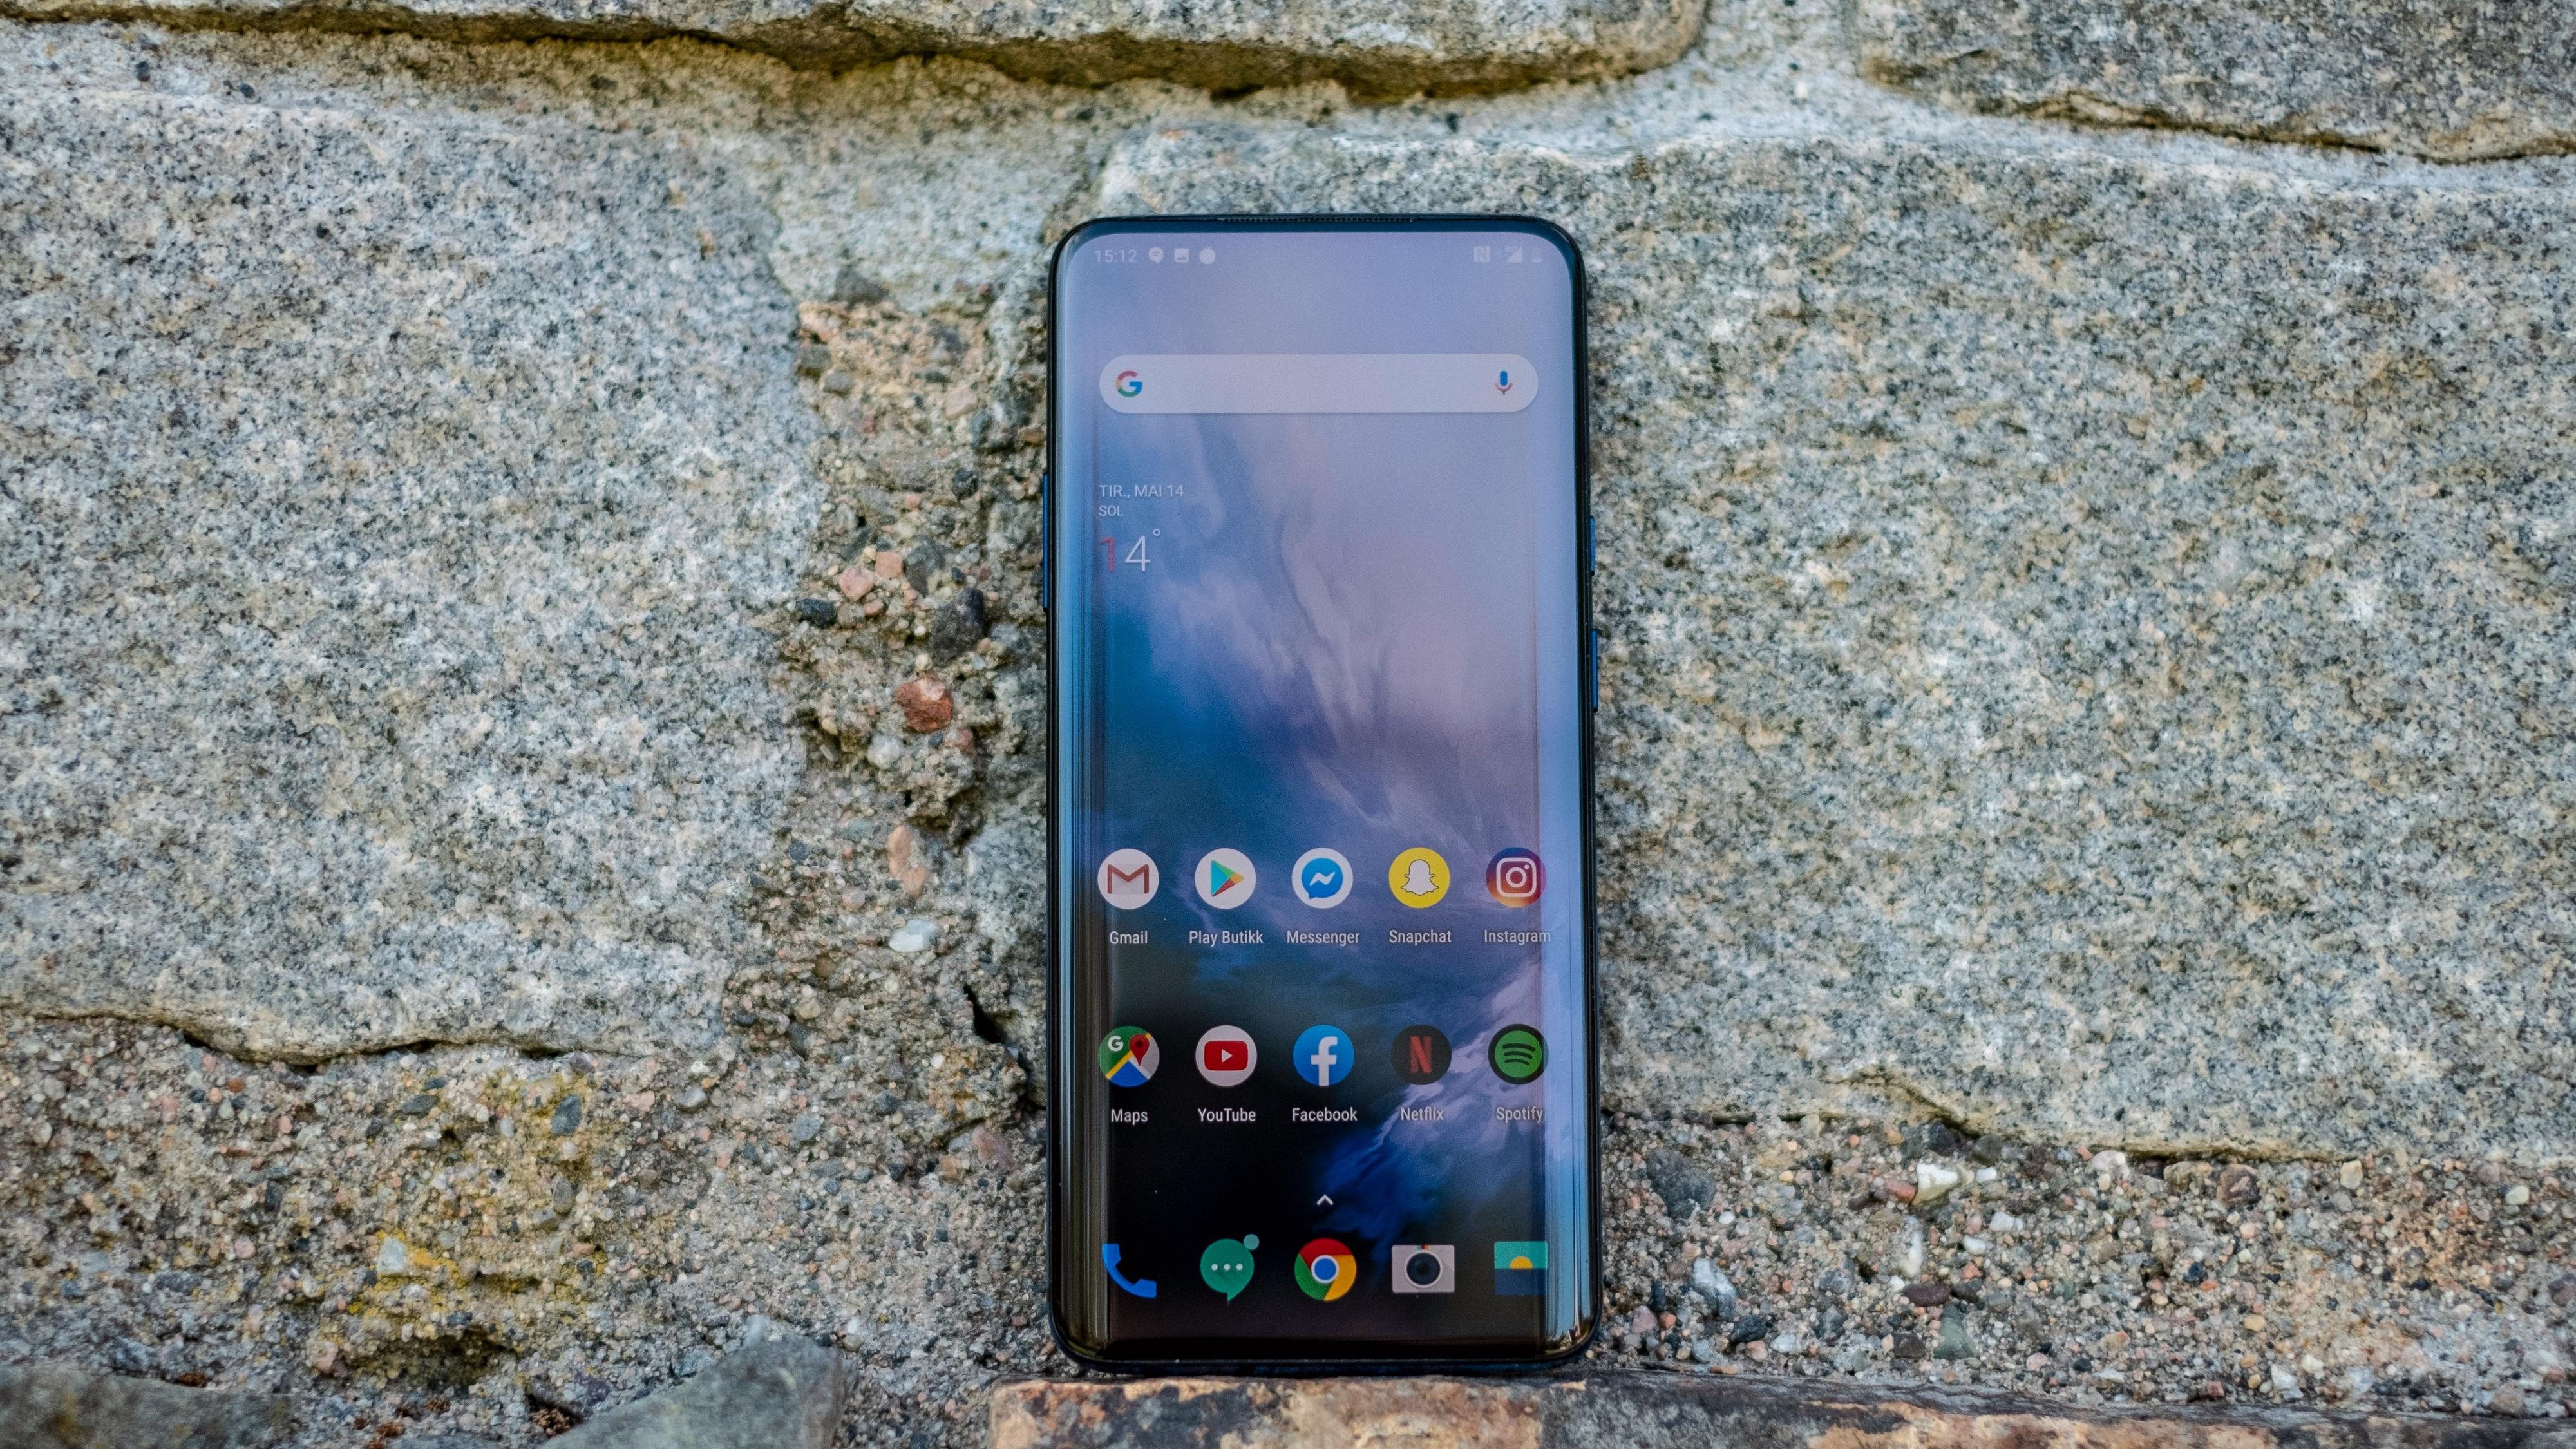 Menyene kaller OnePlus Oxygen OS, og slik det vanligvis er med kinesiske Android-telefoner kan du stille på det meste. Automatisk av- og påskruing av mobilen og en rekke valg for hvordan varsellinjen skal fungere er inkludert.